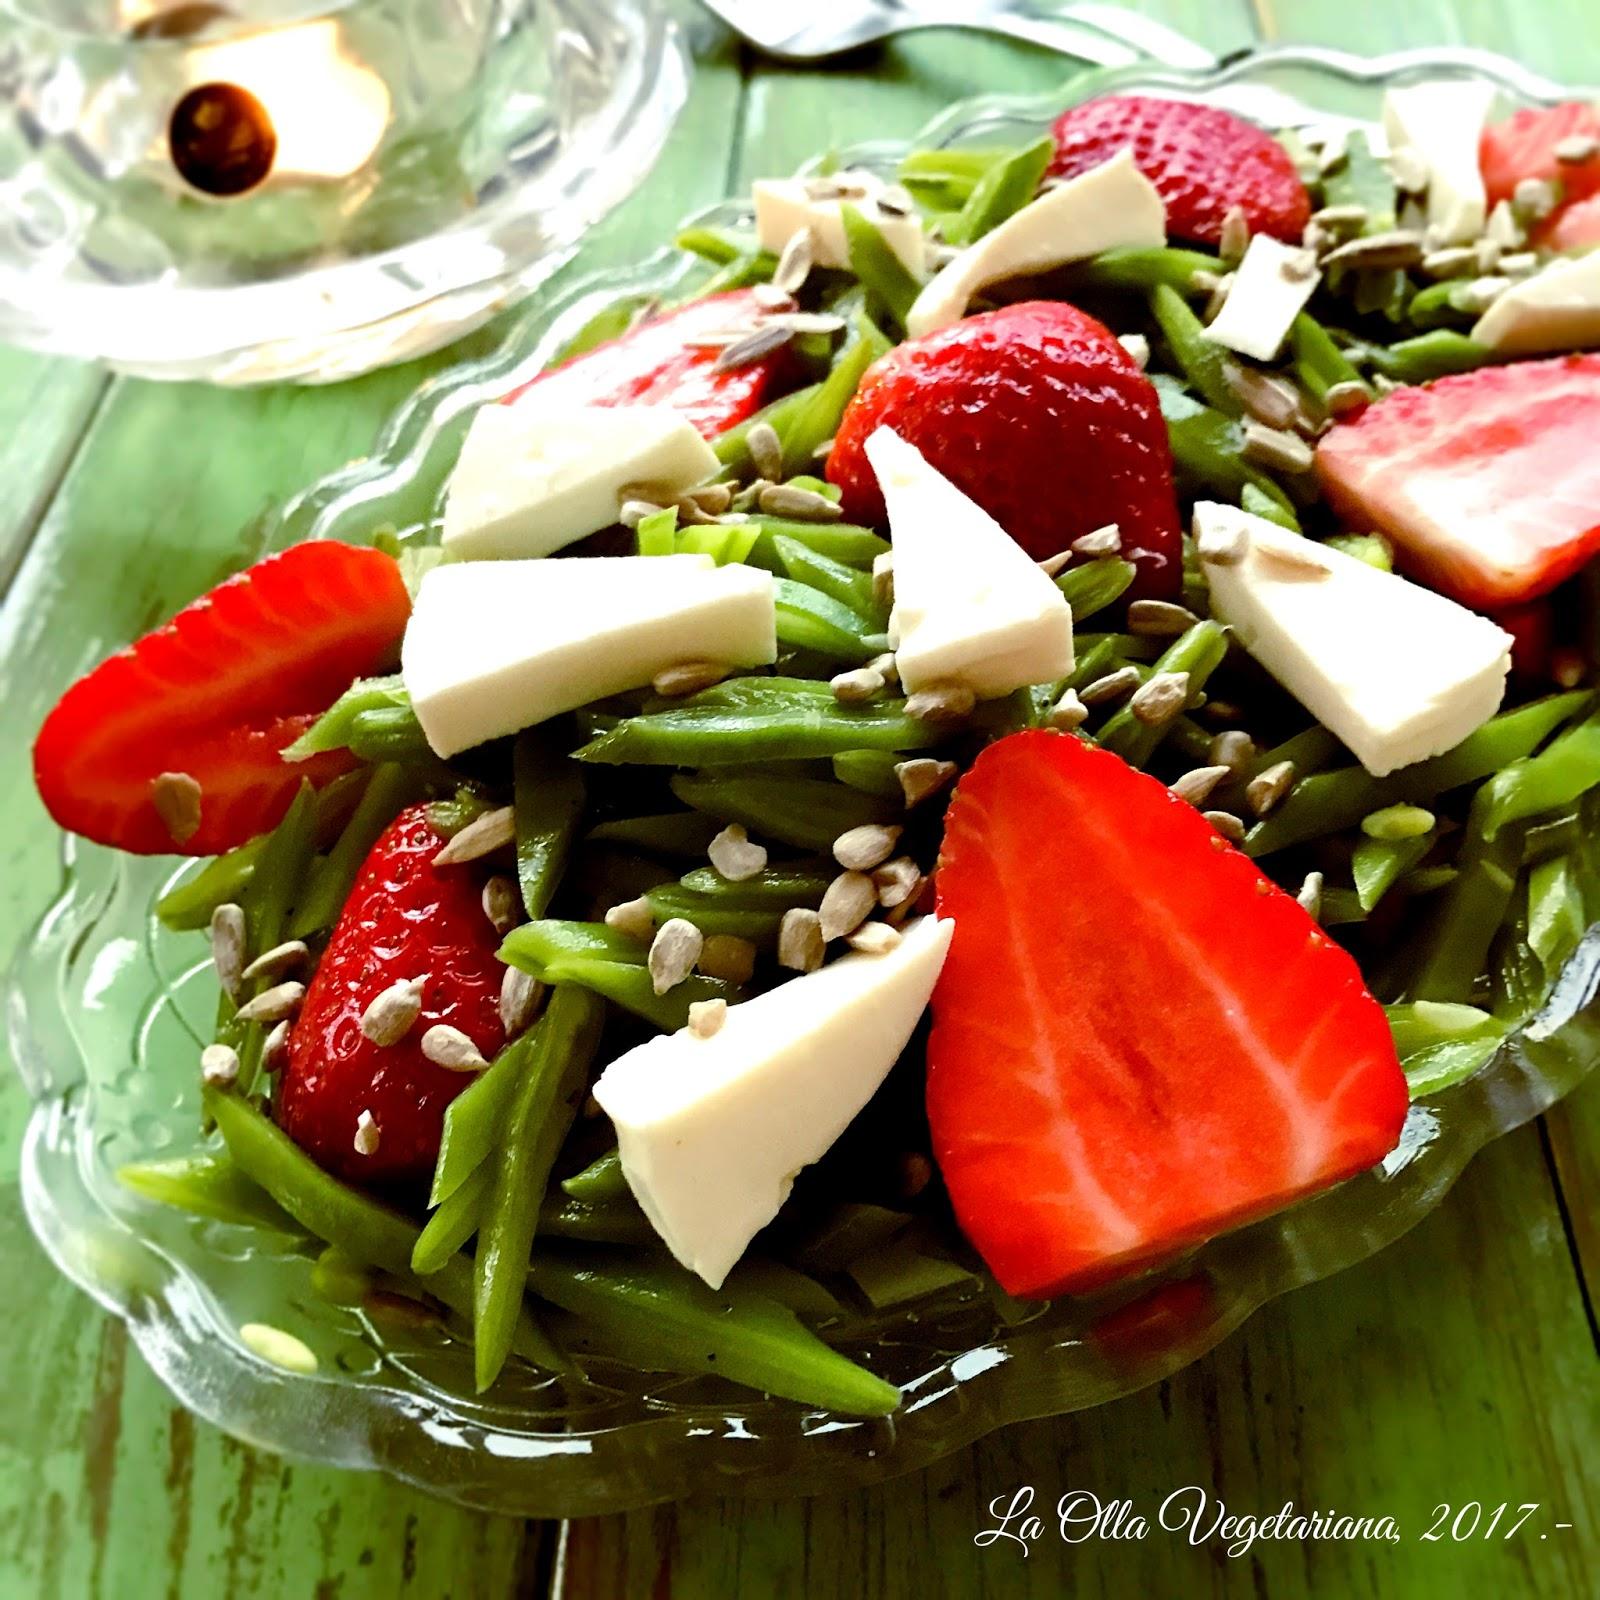 La olla vegetariana ensalada de jud as verdes con fresas - Judias verdes en olla express ...